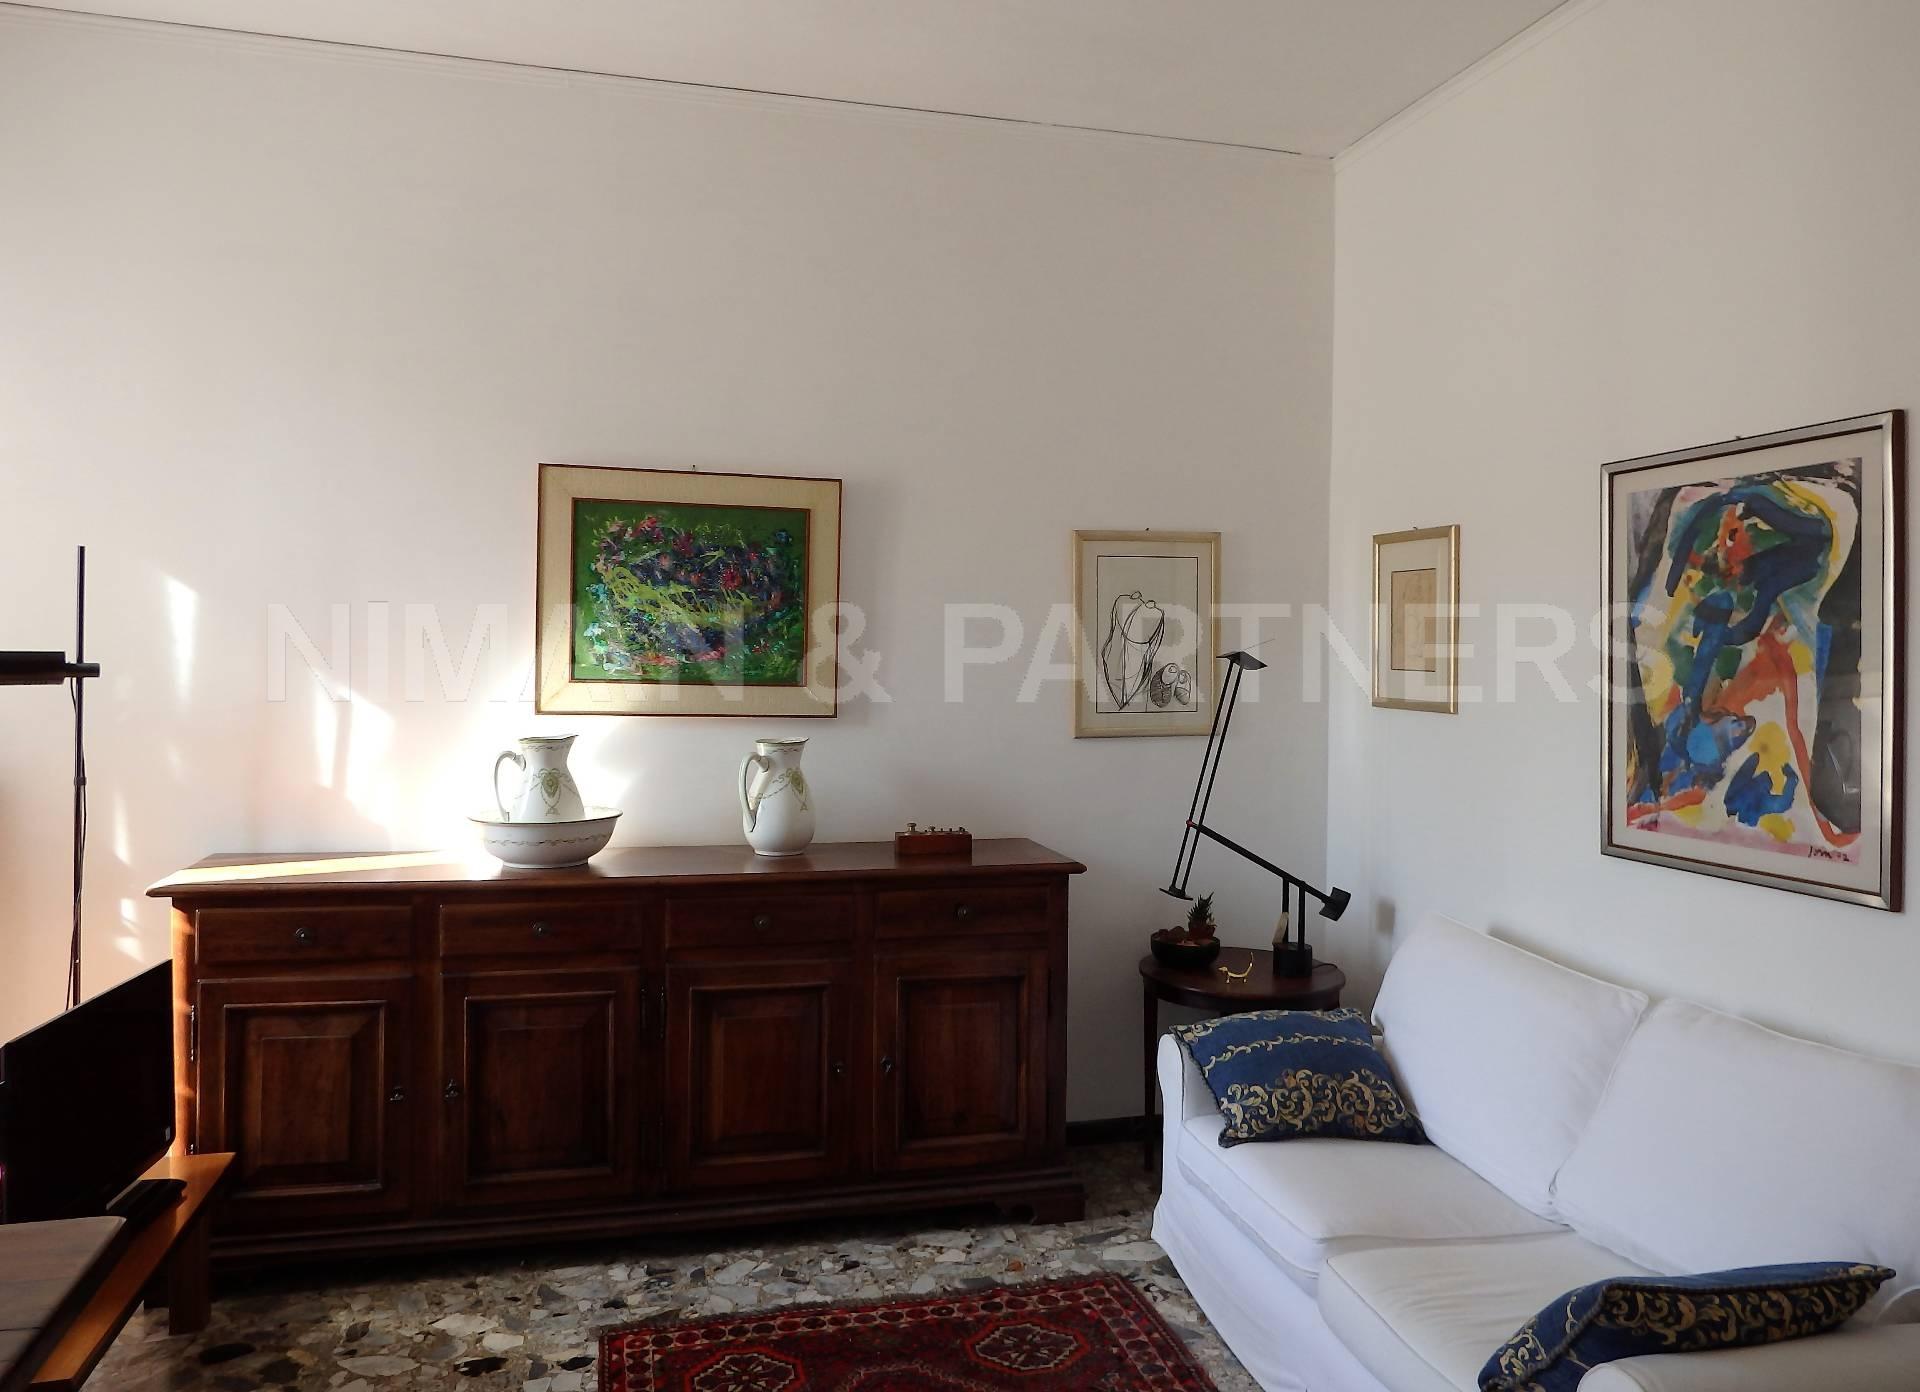 Appartamento in vendita a Venezia, 8 locali, zona Località: S.aCroce, prezzo € 800.000 | Cambio Casa.it